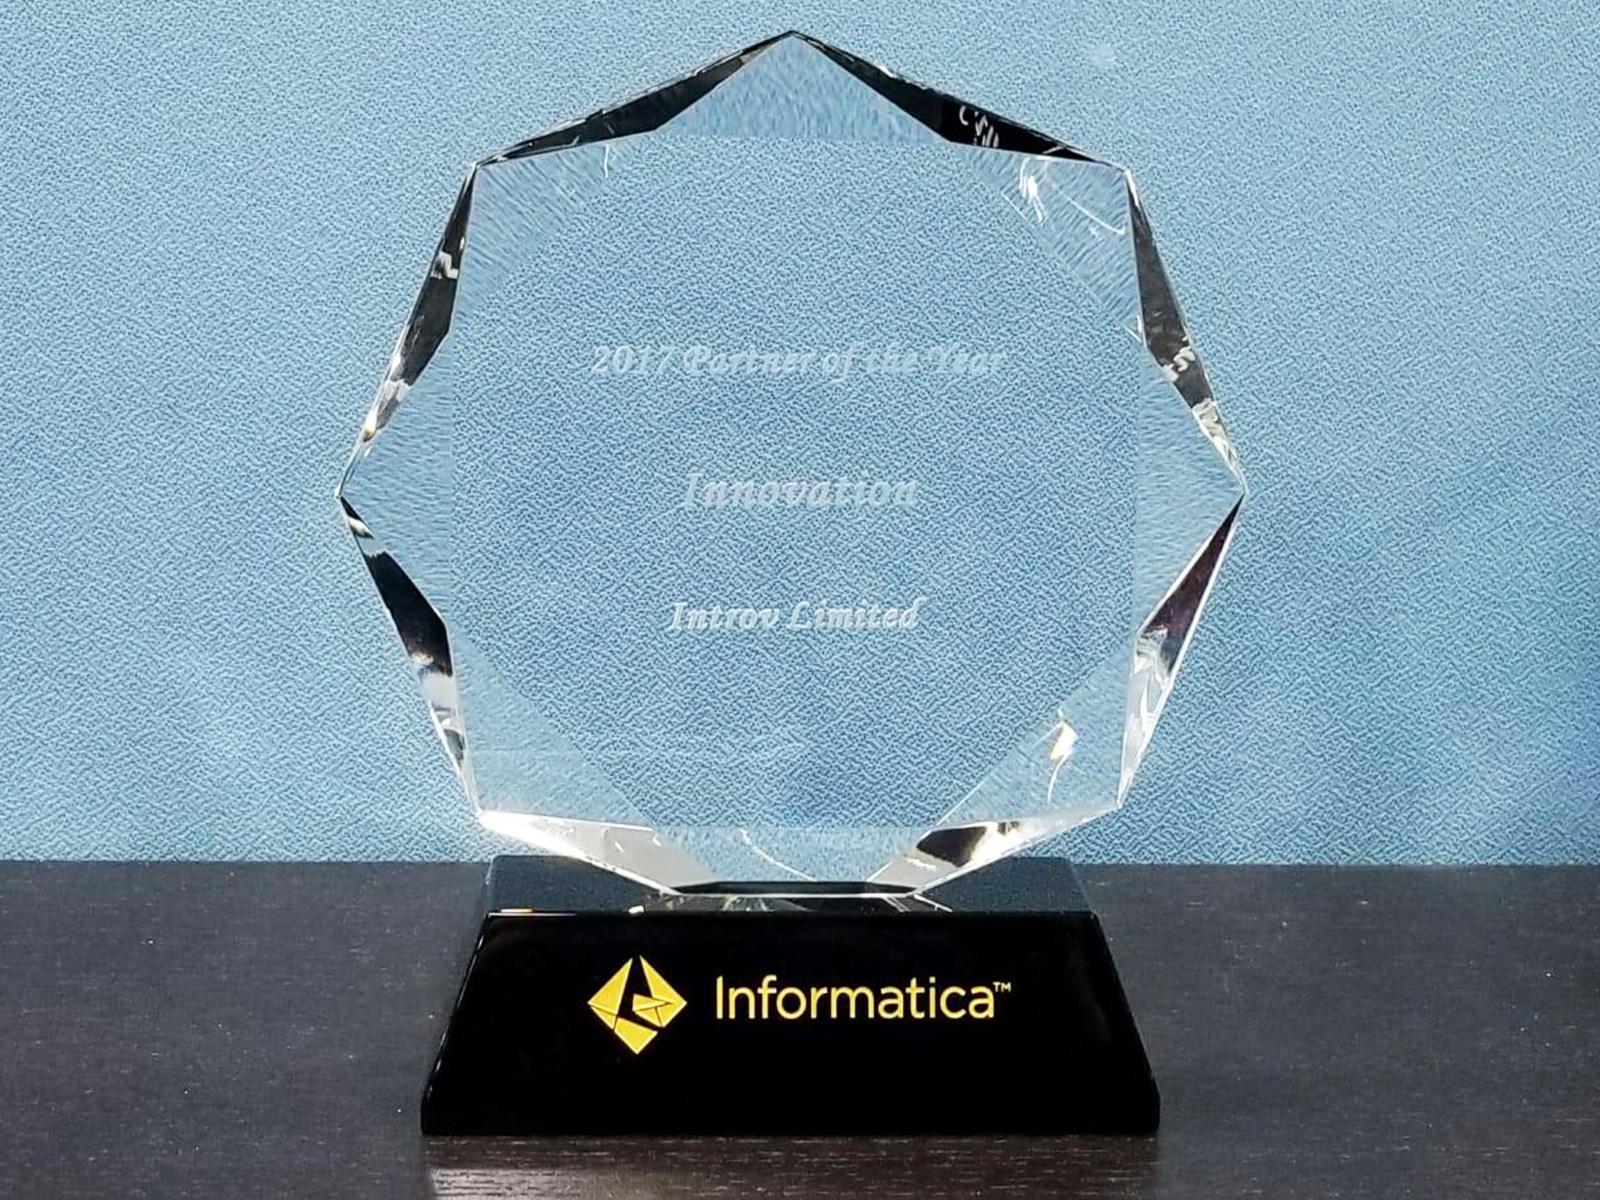 Introv wins Informatica Innovative Partner Award